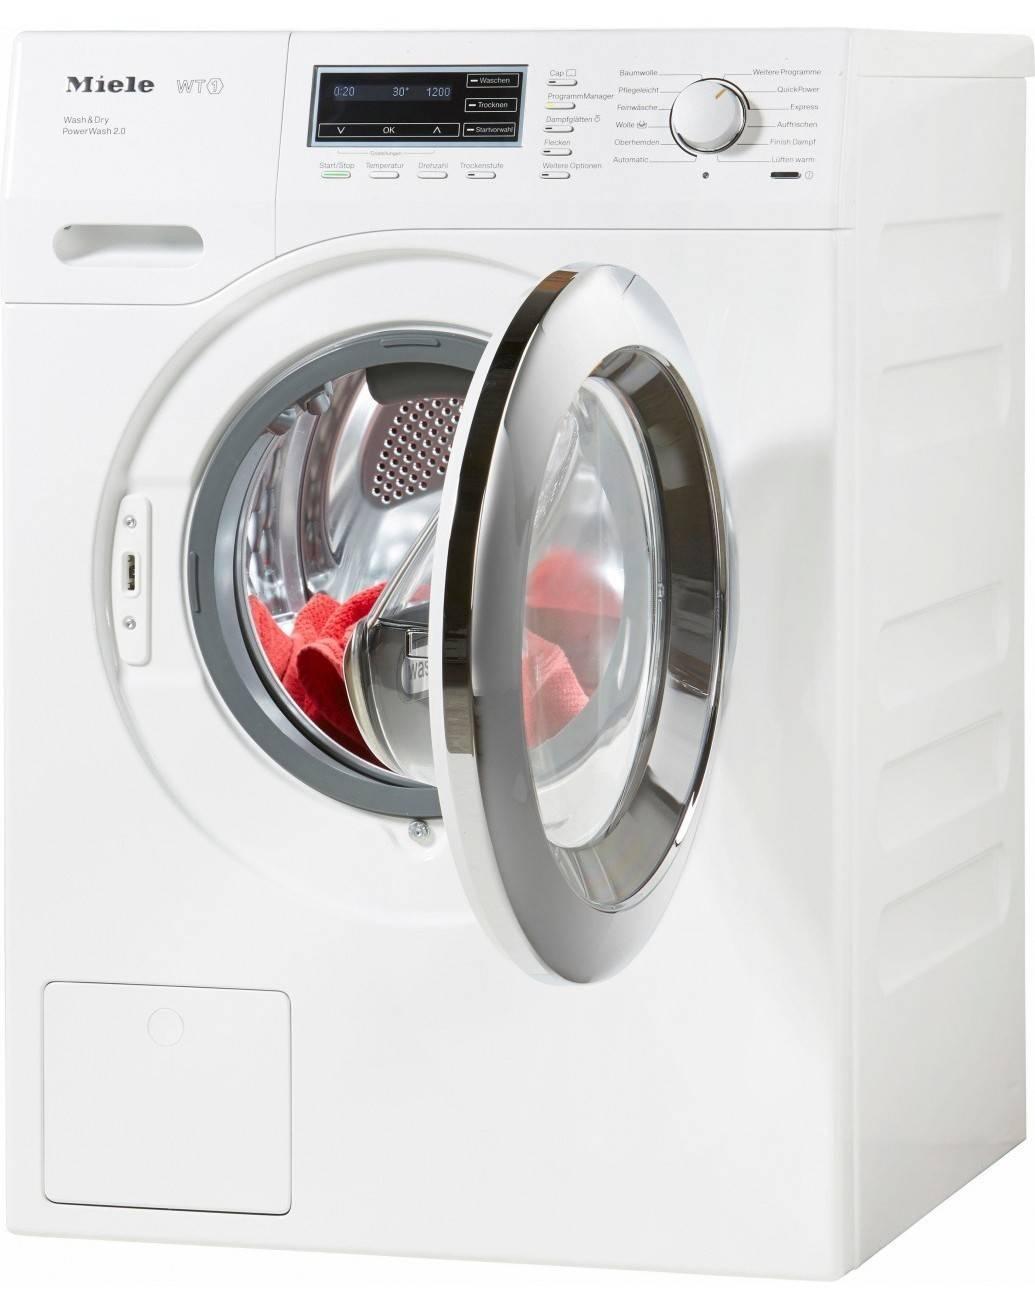 Рейтинг лучших стиральных машин с вертикальной загрузкой 2019 года (топ 10)